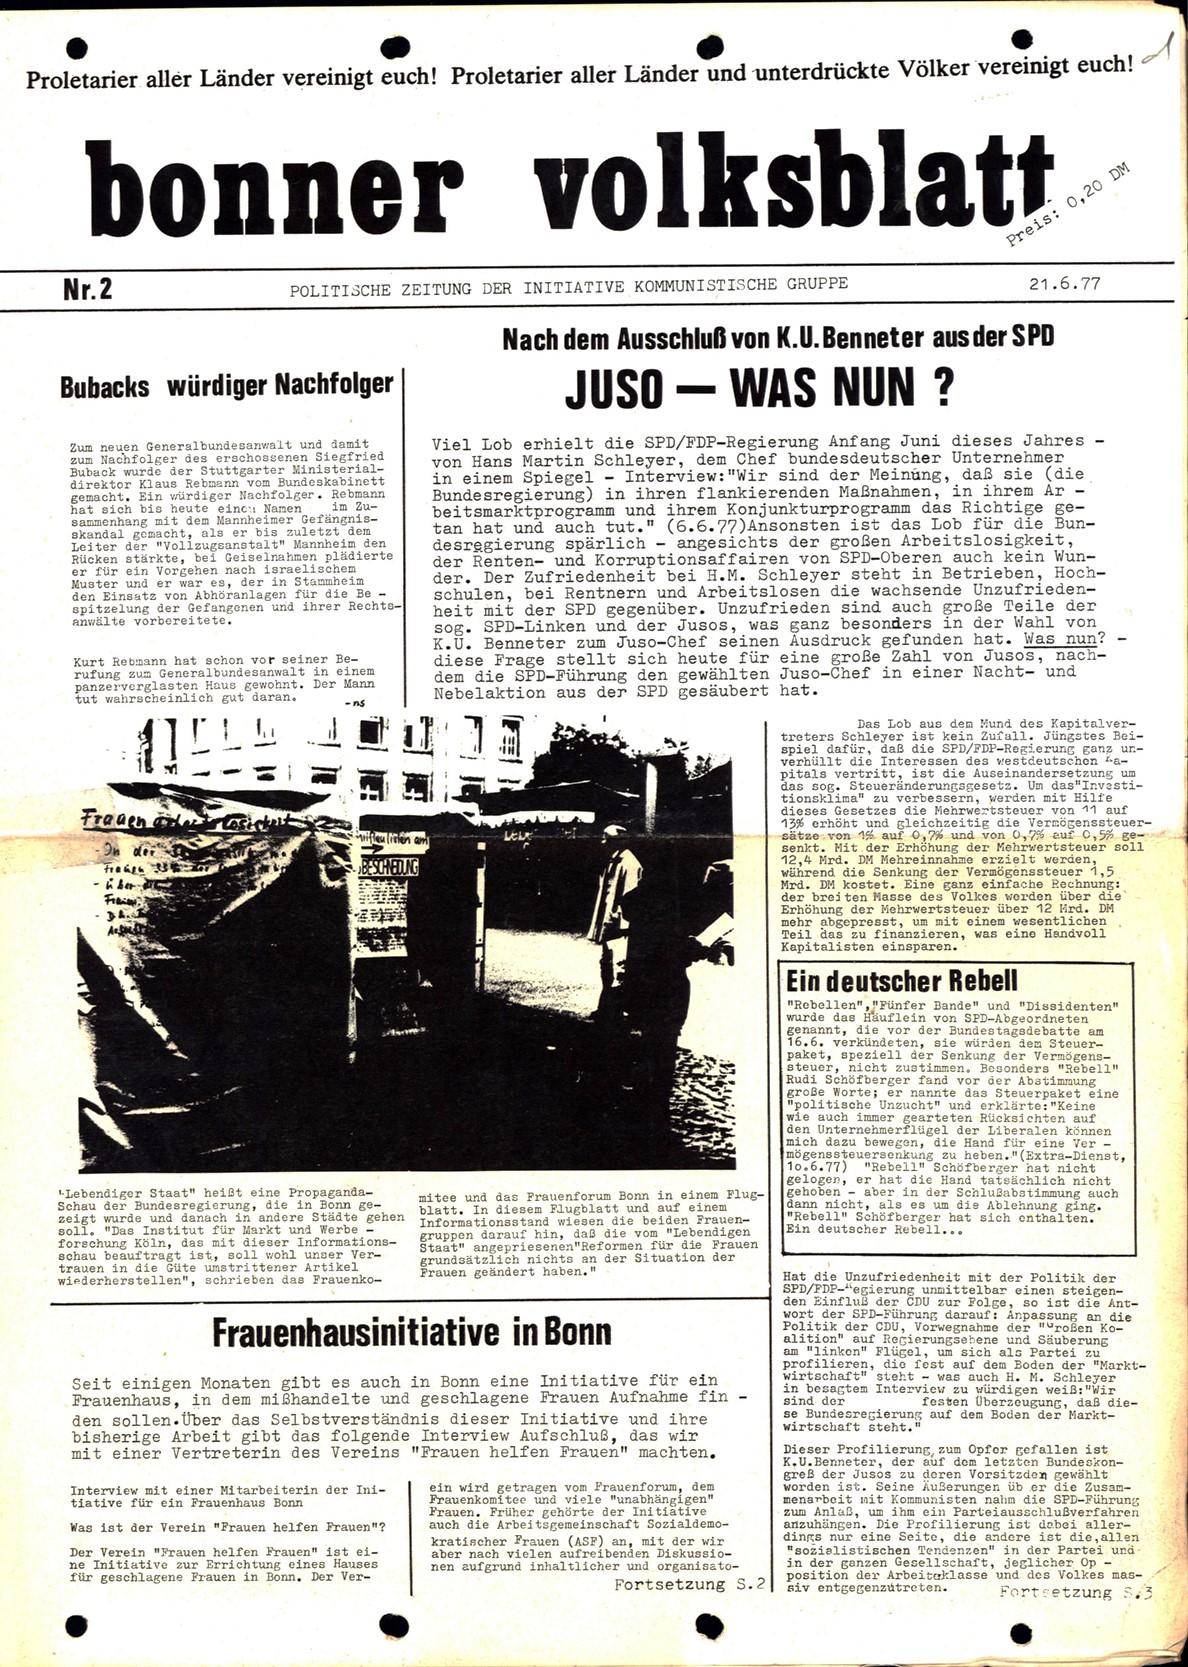 Bonner_Volksblatt_02_19770621_01